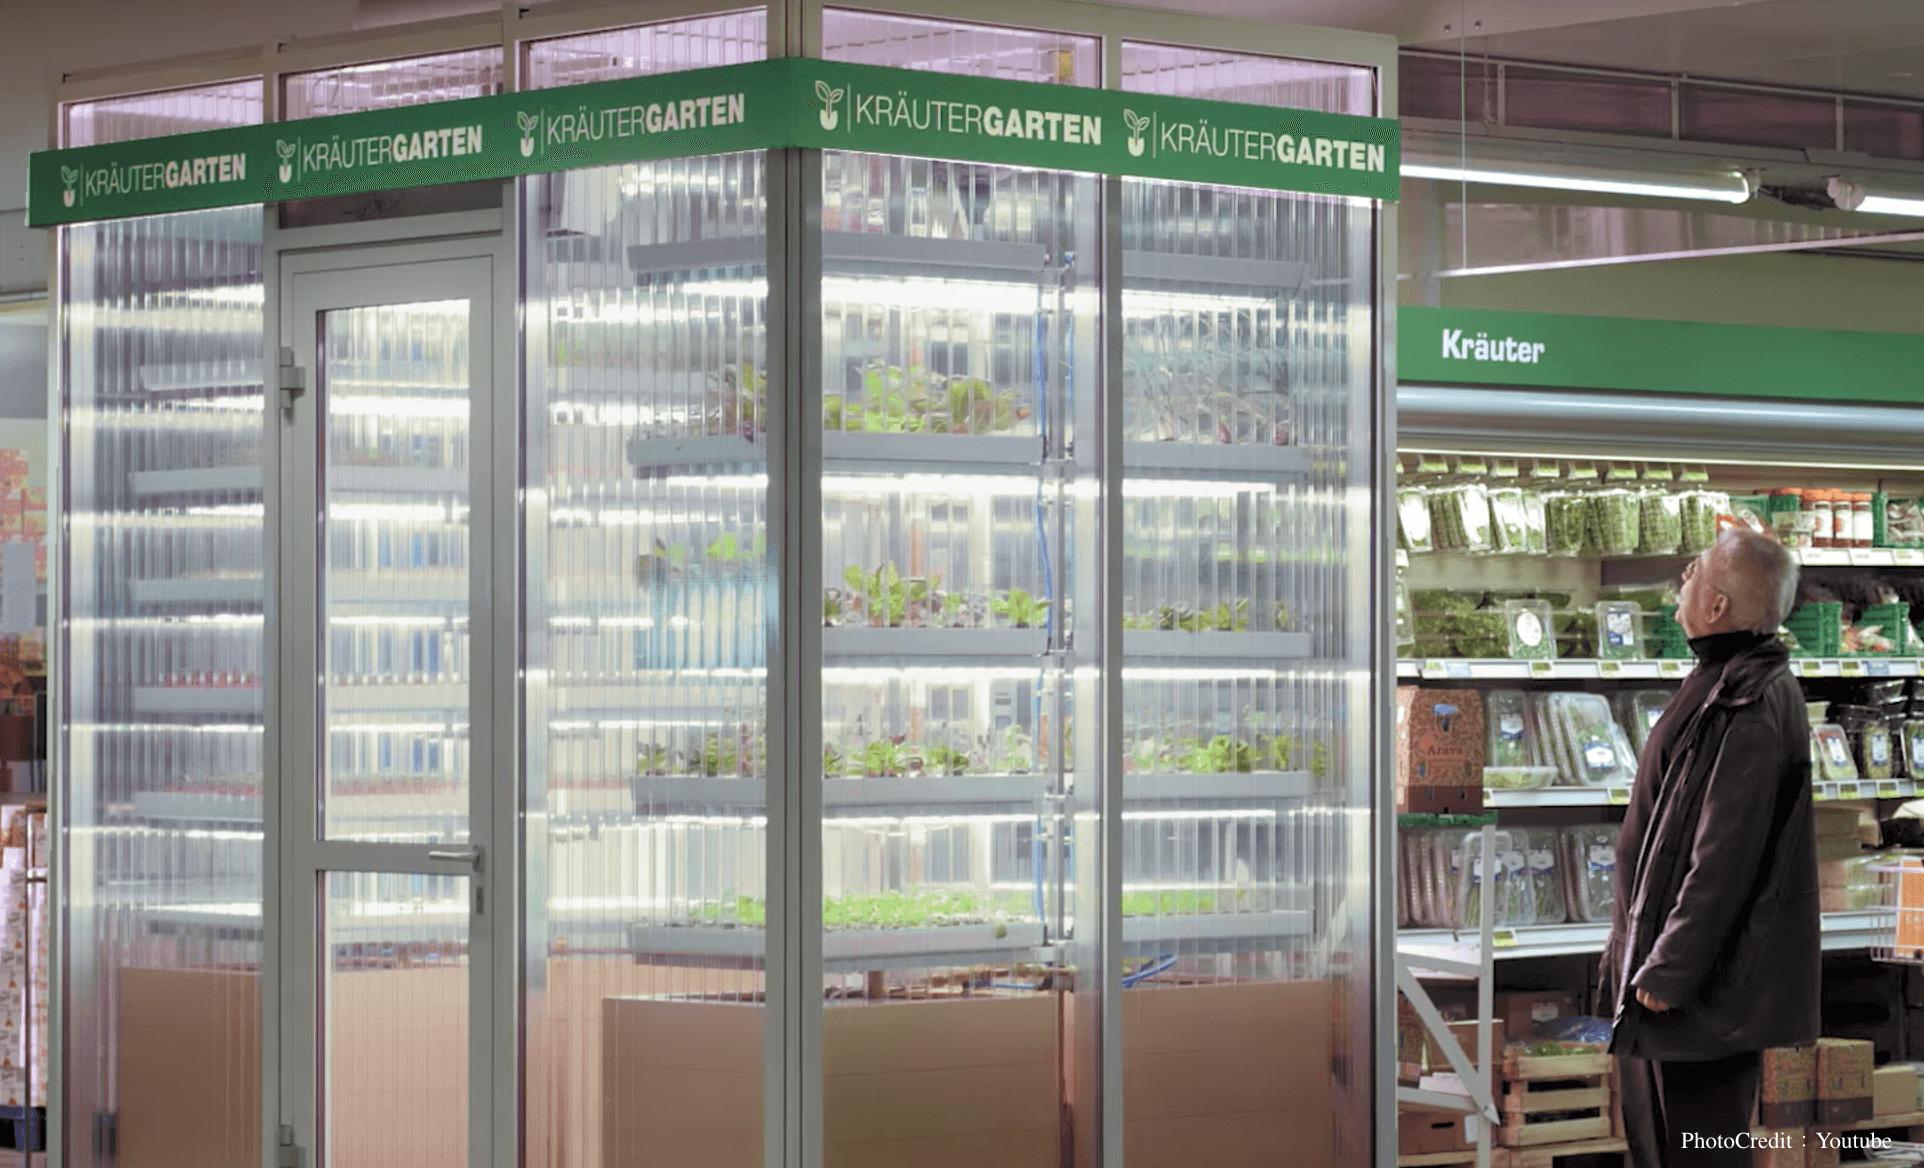 便利商店就是農場,想買青菜直接摘下來!這家德國公司要徹底改變我們買蔬菜的方式